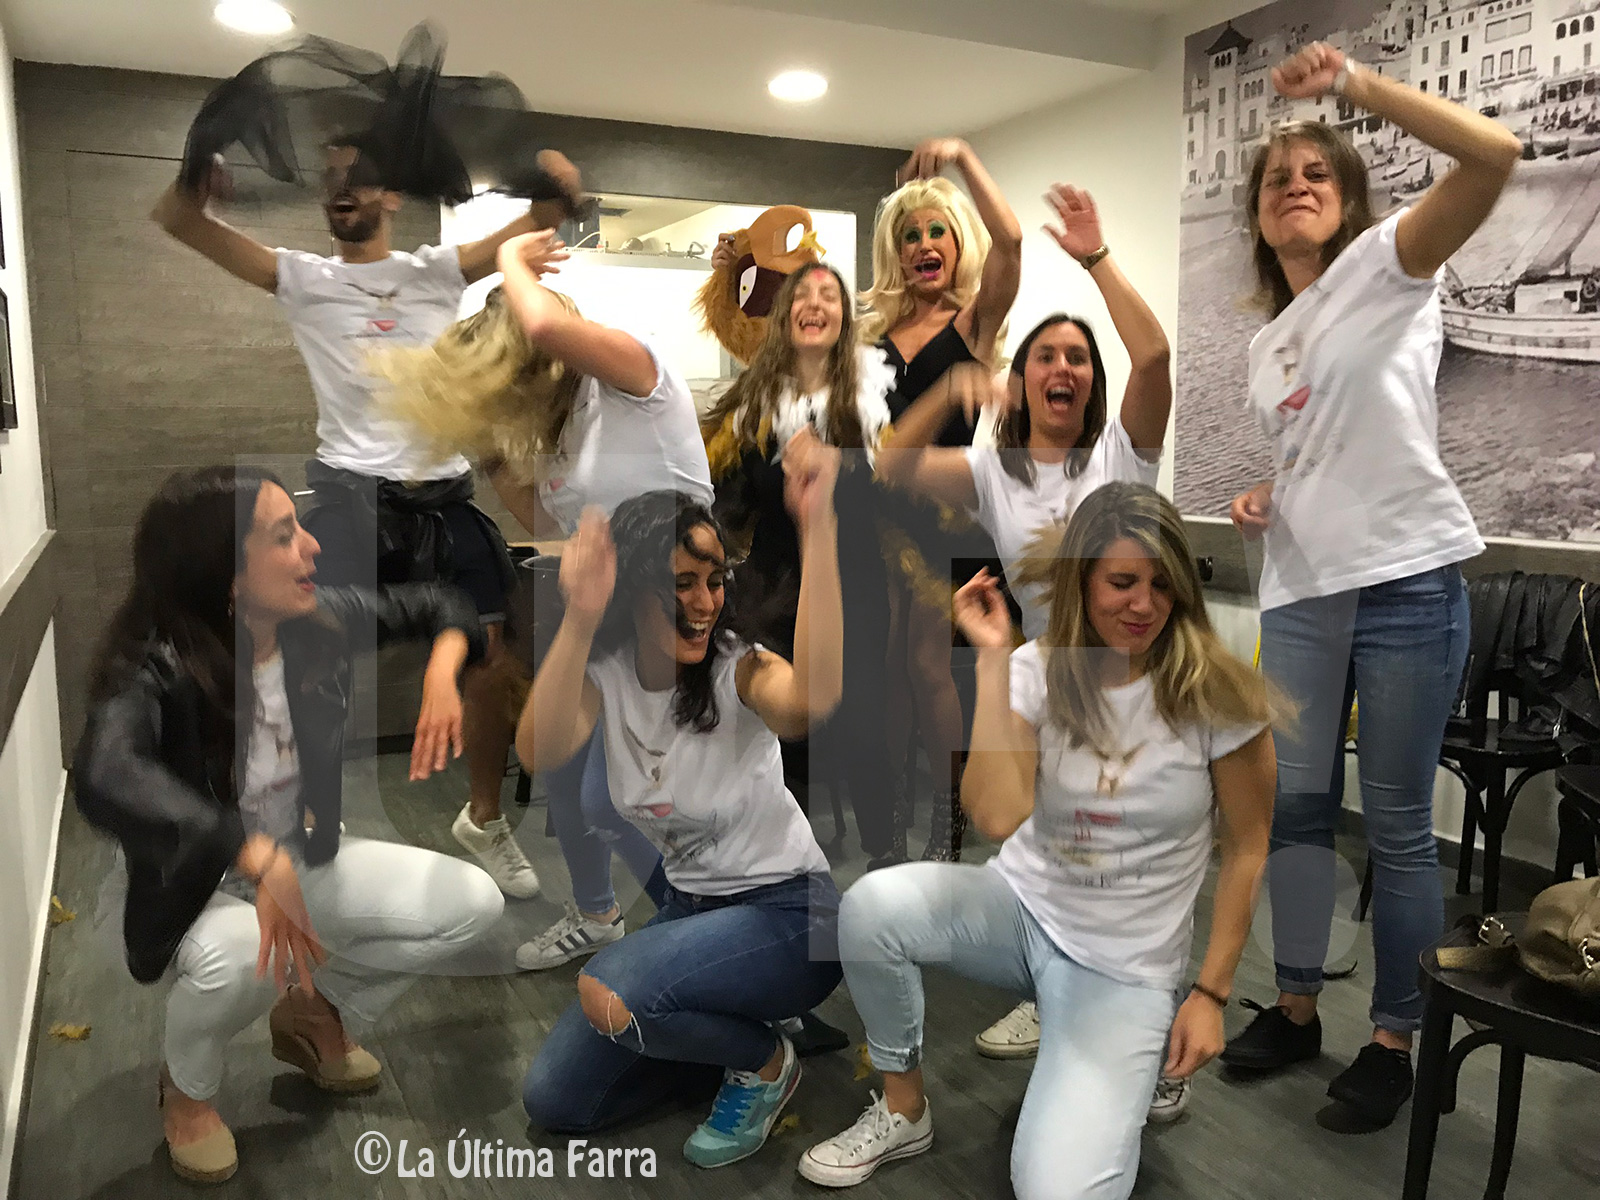 Talleres de Risoterapia en Sitges - Barcelona